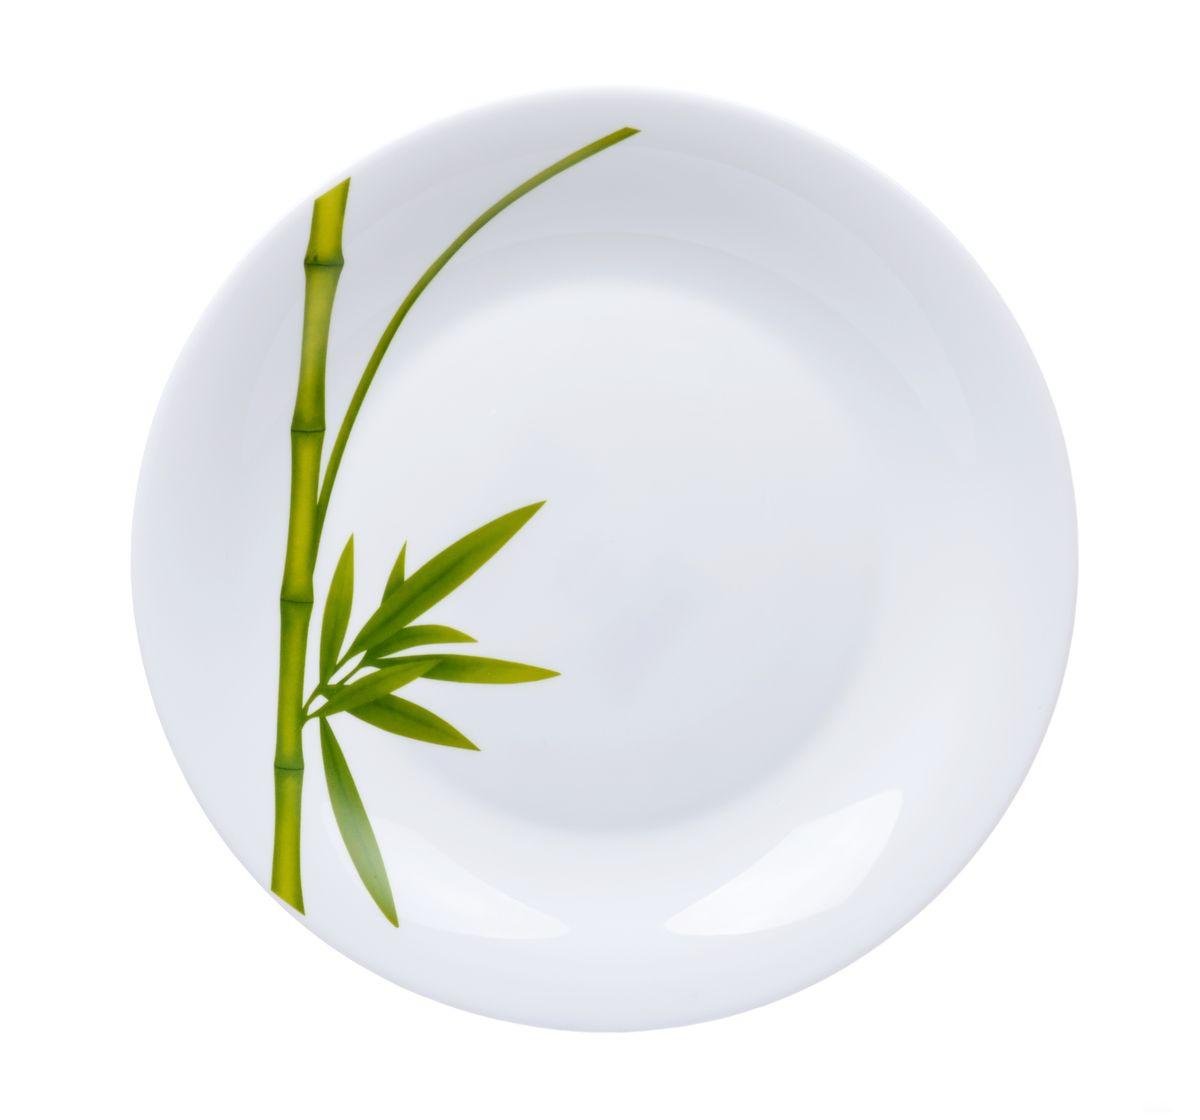 Блюдо La Opala Бамбук, круглое, диаметр 28 смOPFG007Круглое блюдо La Opala Бамбук изготовлено из высококачественной стеклокерамики и декорировано изображением бамбука. Блюдо с высокими бортиками прекрасно подходит для того, чтобы подавать фрукты, конфеты, печенье, пирожки. Крепкое и экологически чистое блюдо - незаменимый и очень полезный аксессуар на кухне. Можно использовать в СВЧ и мыть в посудомоечной машине. Диаметр блюда: 28 см. Высота блюда: 3 см.